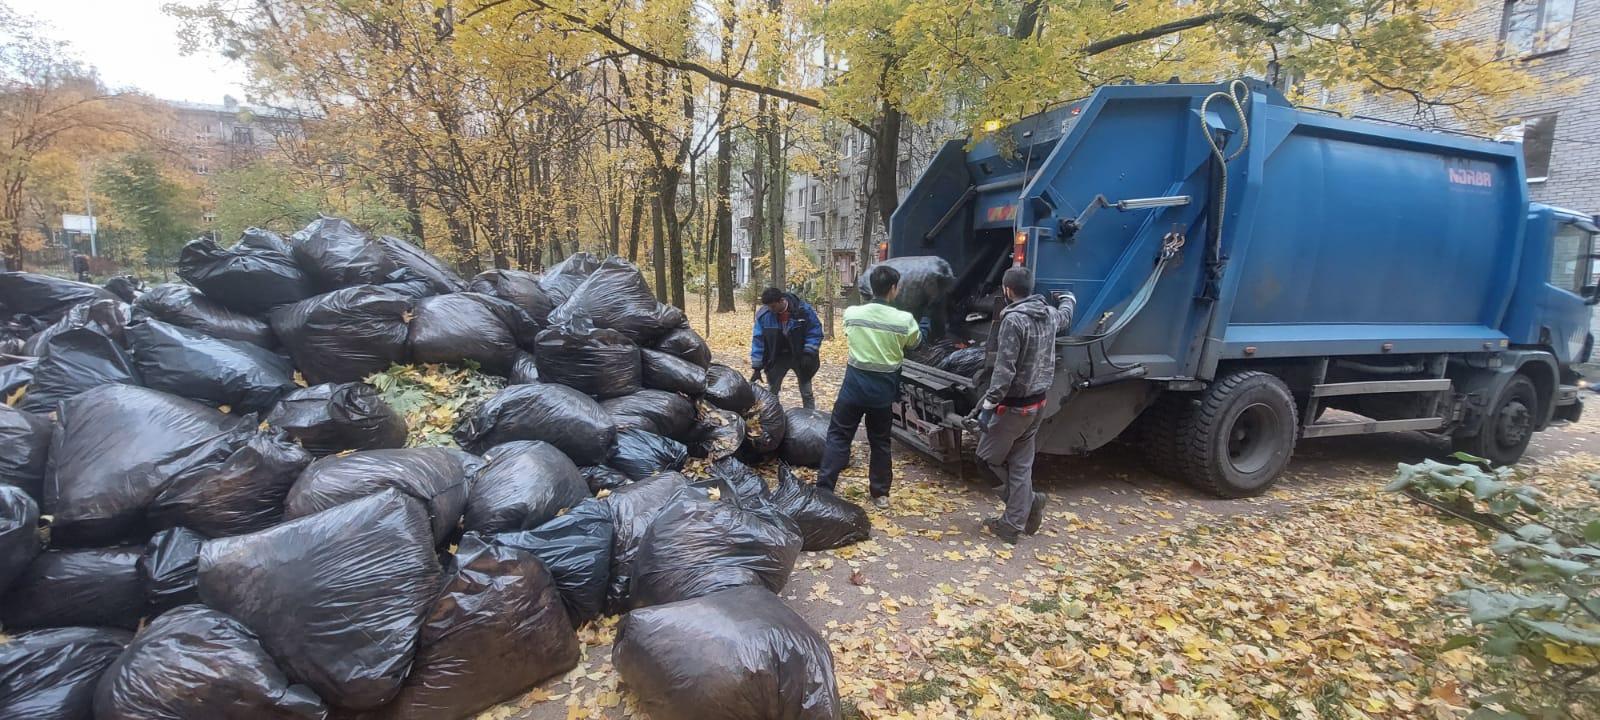 Уборщики подрядной организации МО Светлановское убирают мешки с мусором и листвой в мусоровоз в рамках осеннего месяца благоустройства